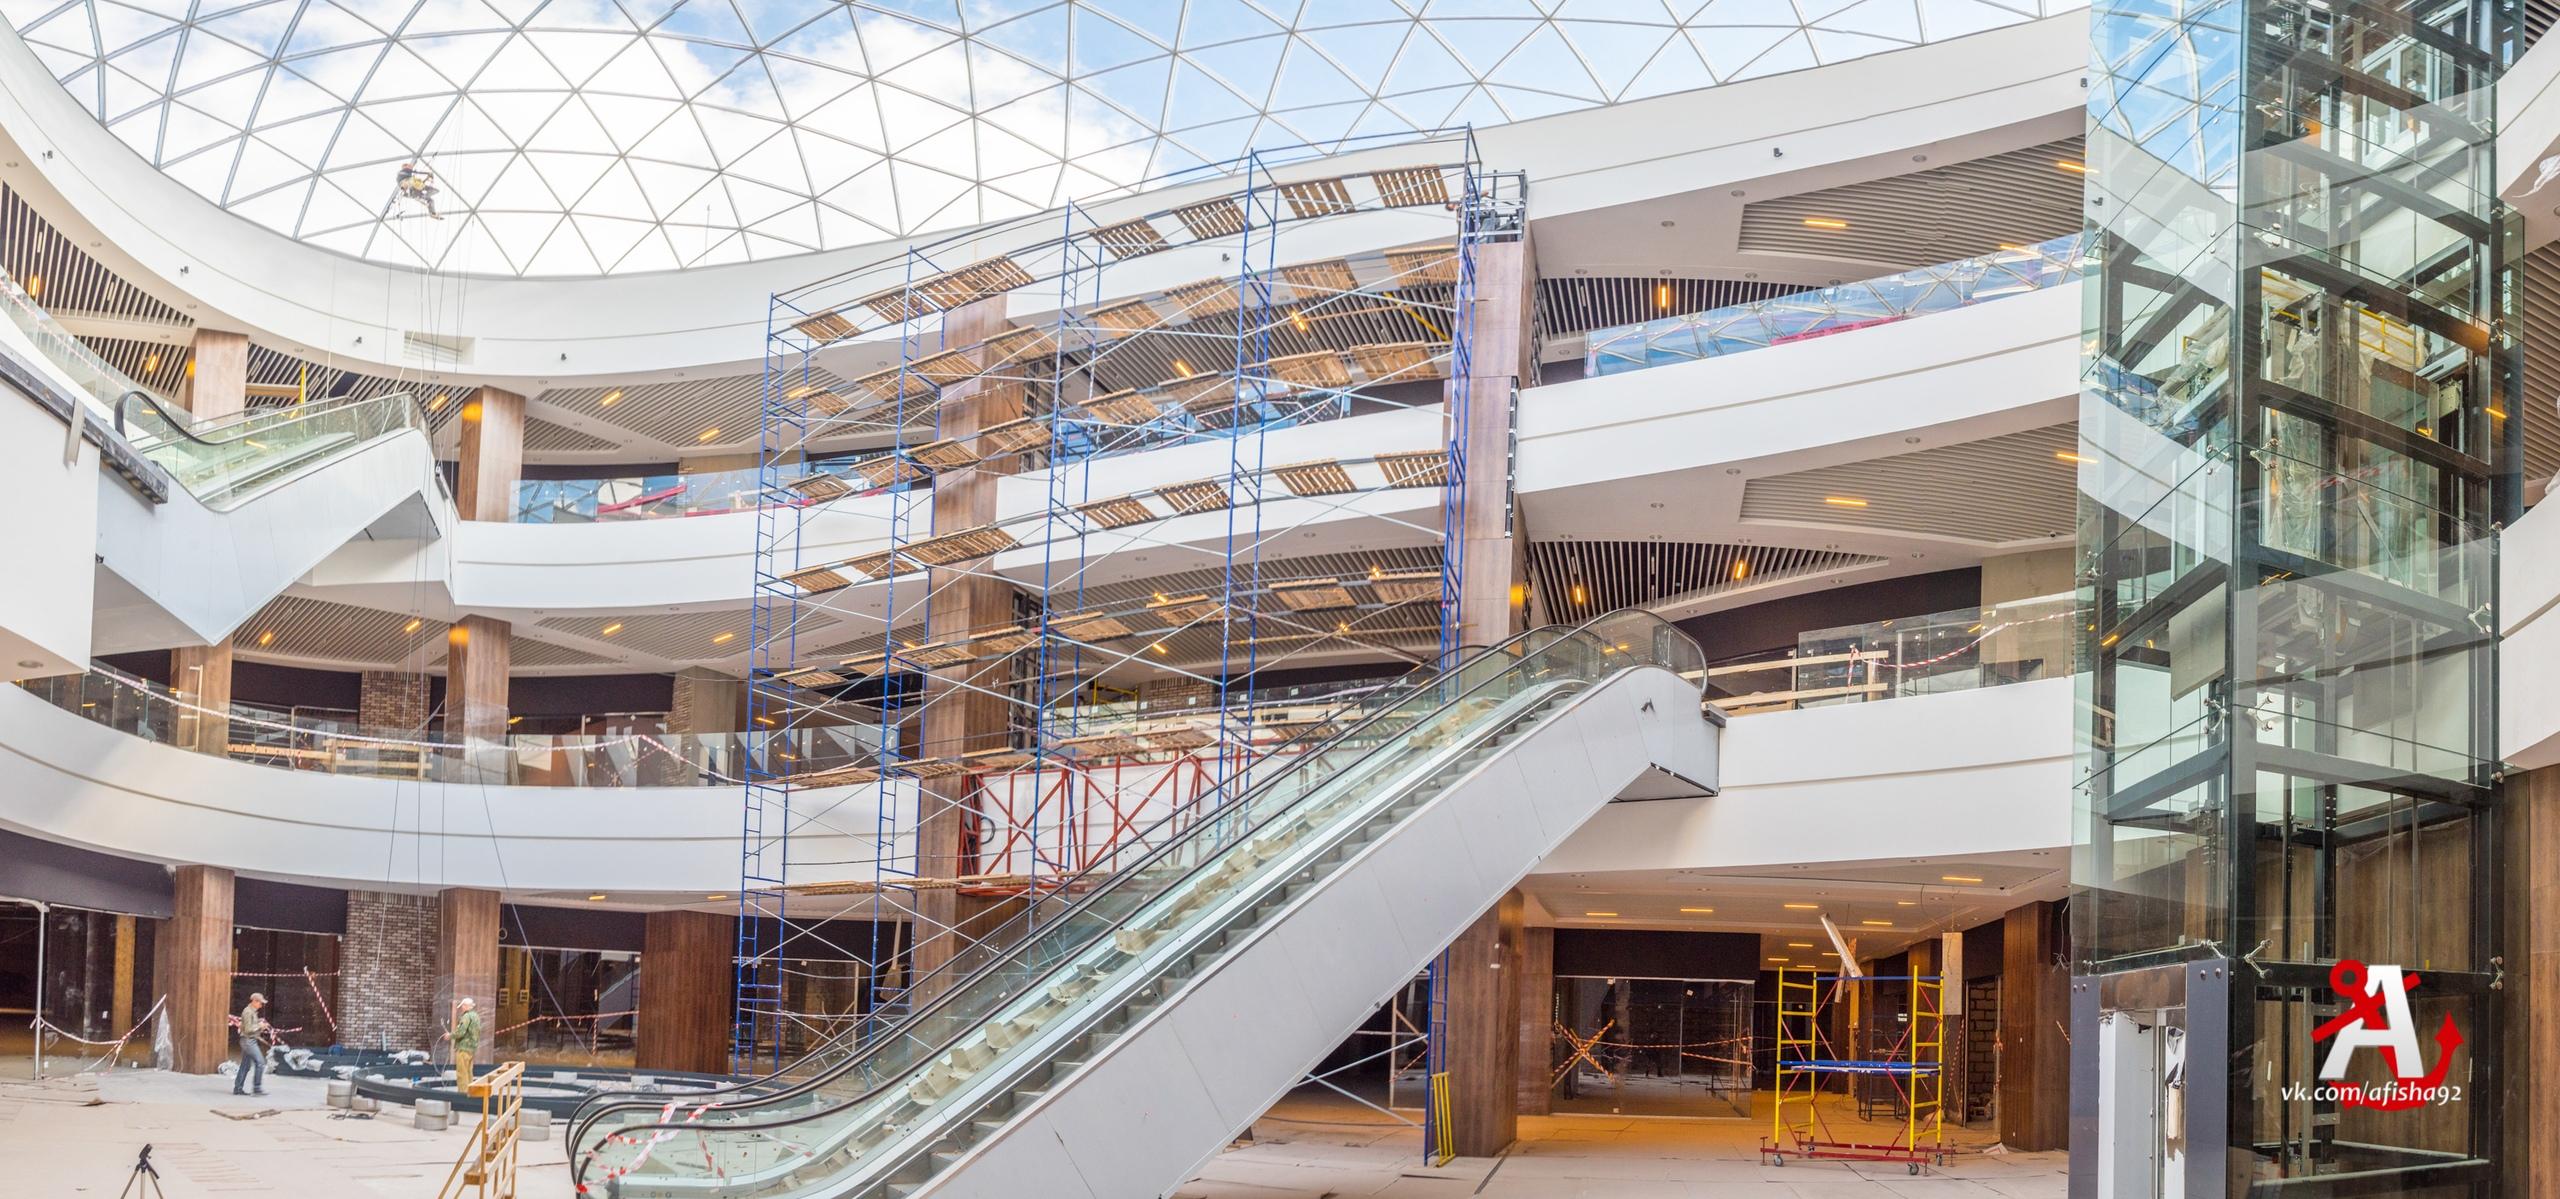 Когда будут открыты первые магазины в новом ТЦ «Лаванда Mall»